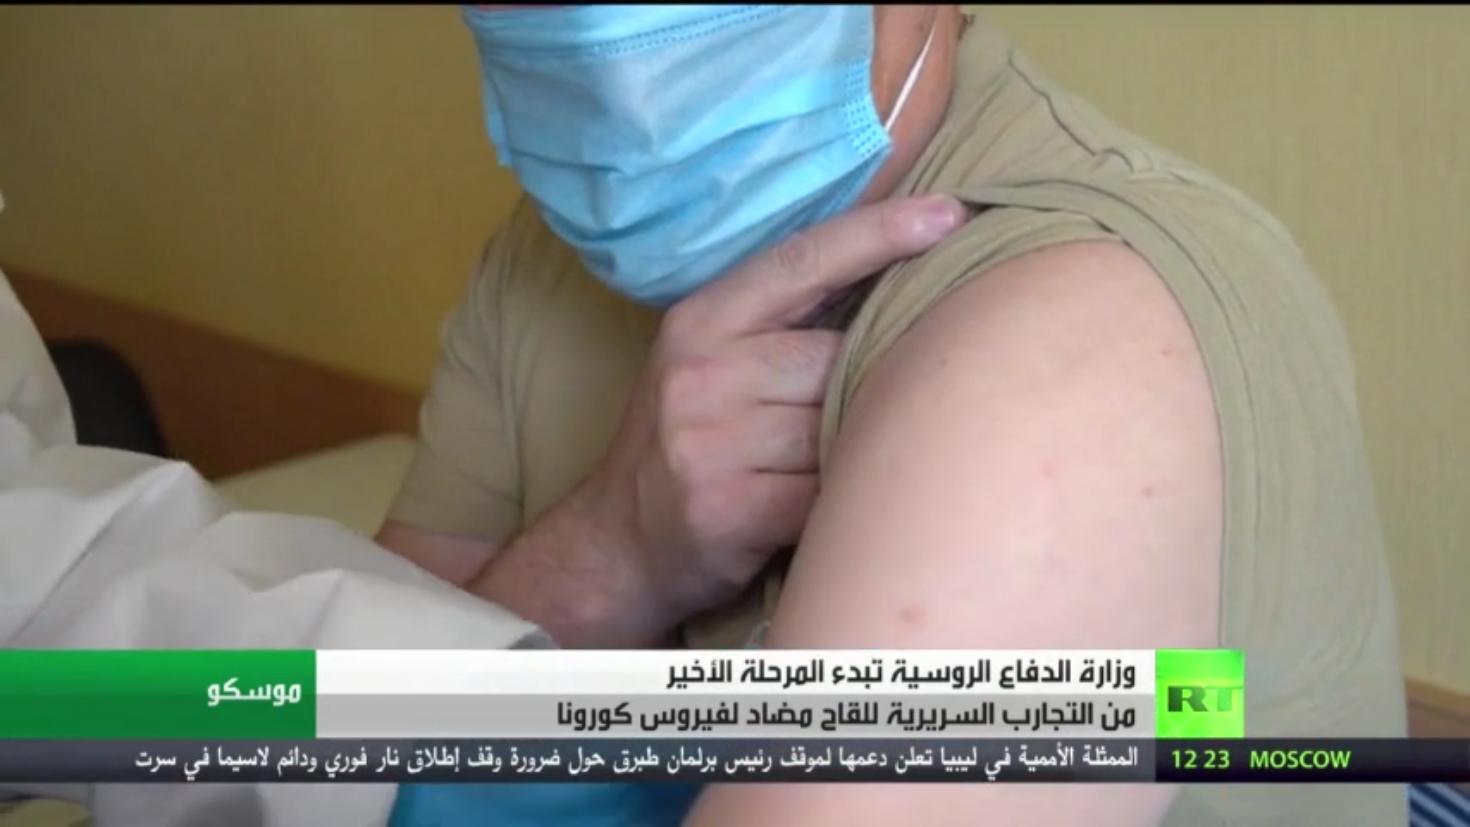 التجارب السريرية للقاح ضد كورونا في روسيا